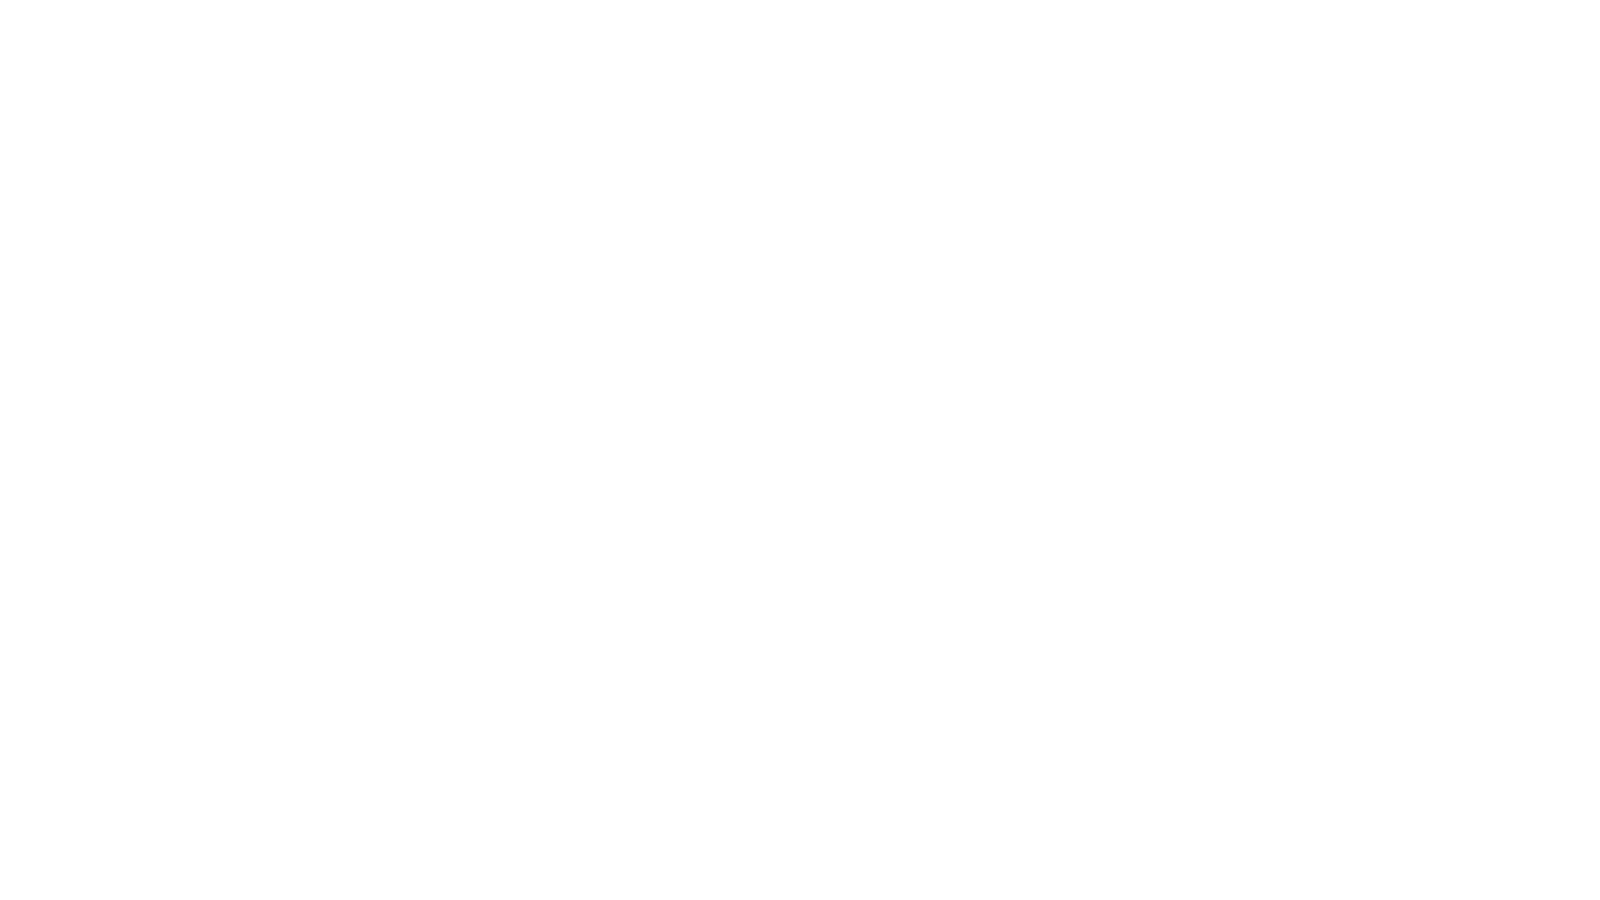 """Atenção vestibulandos! Vocês não podem perder essa Live!  Os professores Pablo Spinelli,  Paulo Pace e Chicão abordarão assuntos importantes  para o vestibular da UERJ. O tema """"Rio de todos os Brasis: da colônia à República"""" será abordado sob a ótica das questões econômica, política e social. Esses feras irão explorar o tema seguindo os acontecimentos:   - Fundação e função da cidade colonial - França Antártica - Rio: capital colonial - A cidade do século XIX  - A cidade na república: reformas e revoltas E para mediar essa Live contaremos com Thiago Lopes como mediador."""